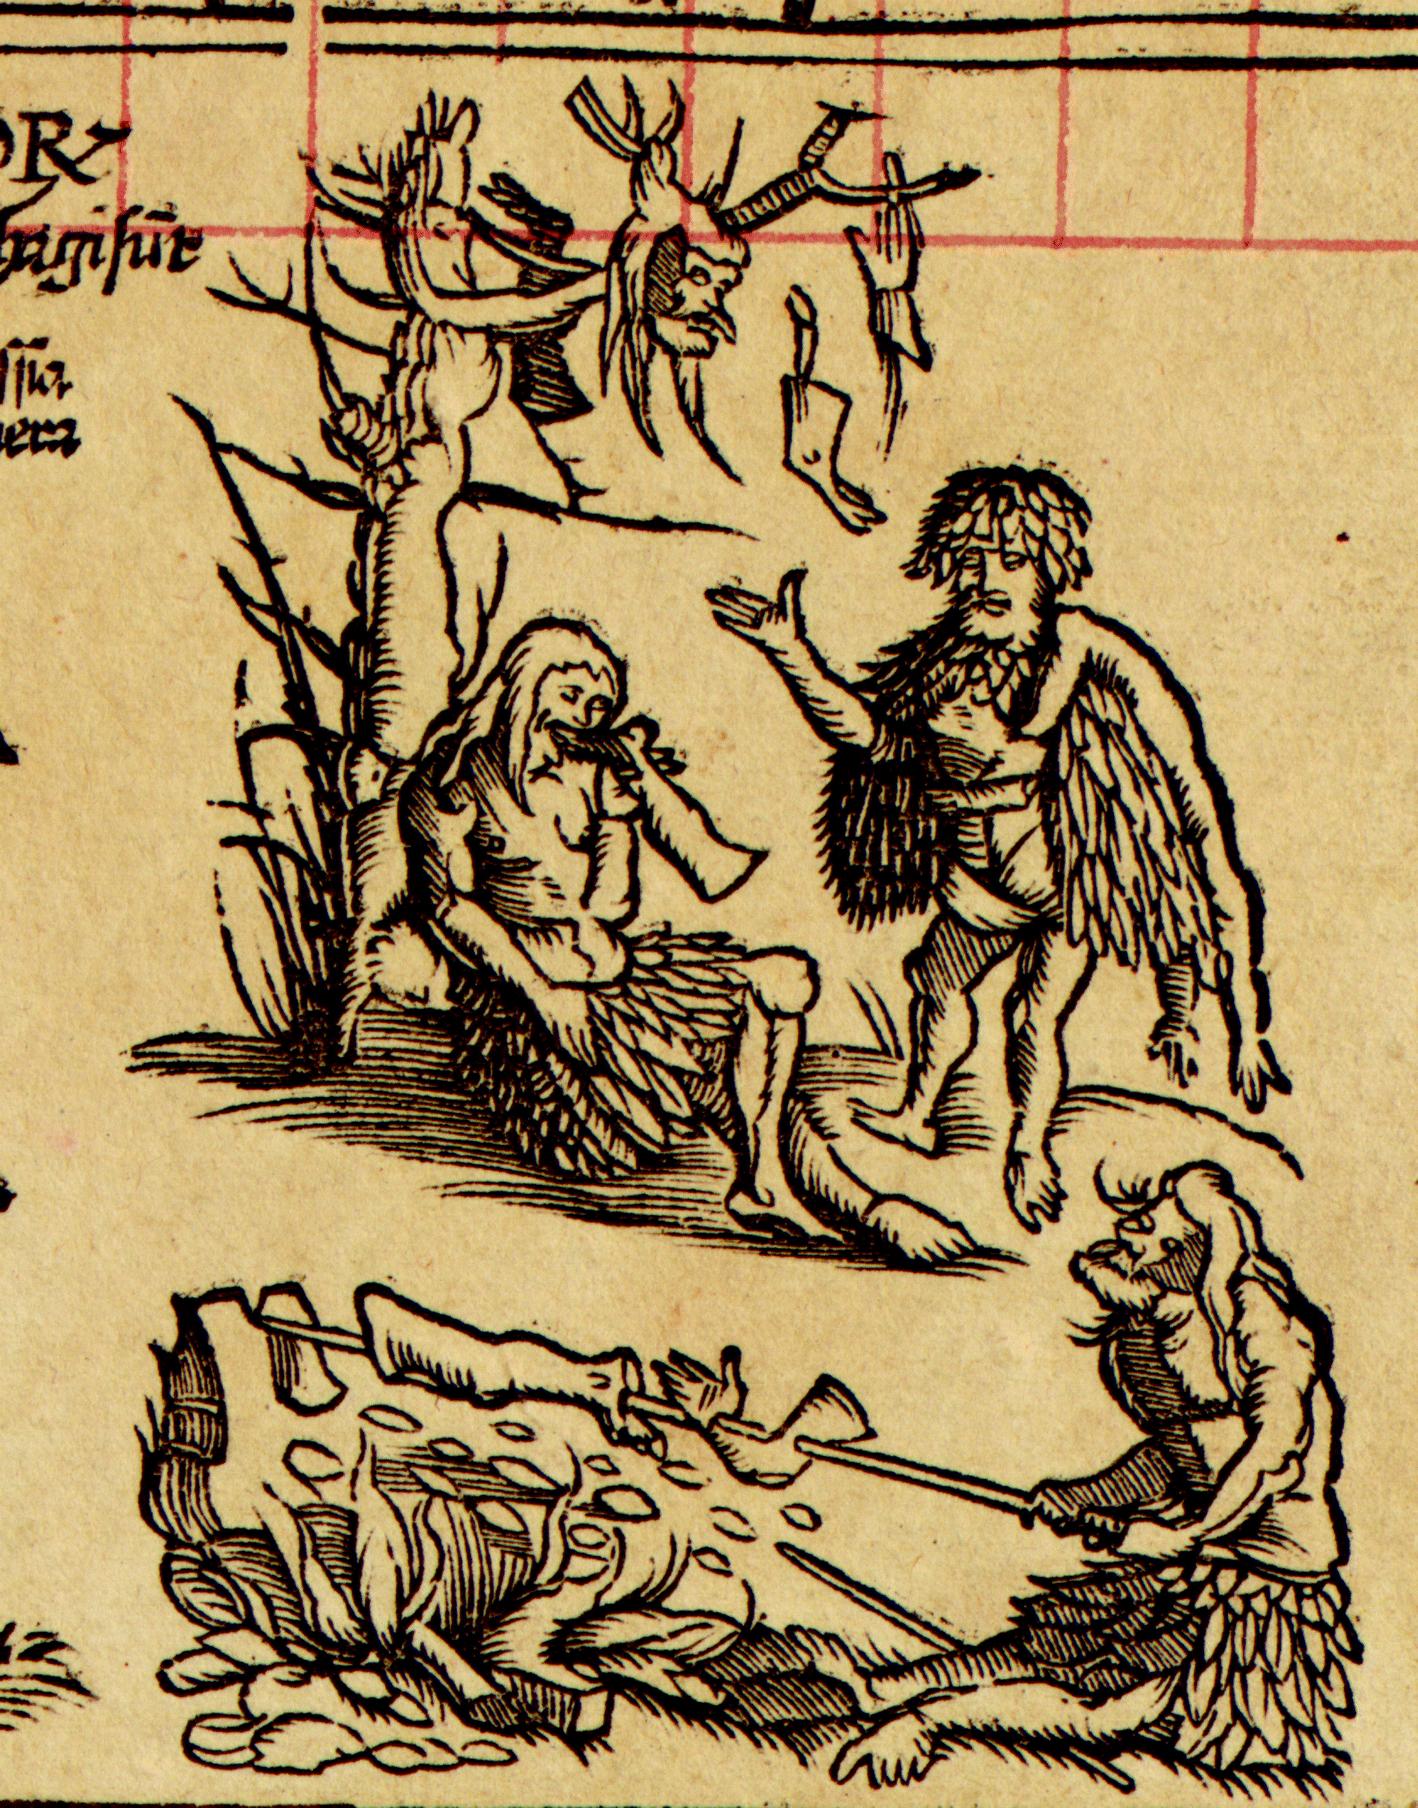 The Long Legends Transcription Translation And Commentary Springerlink